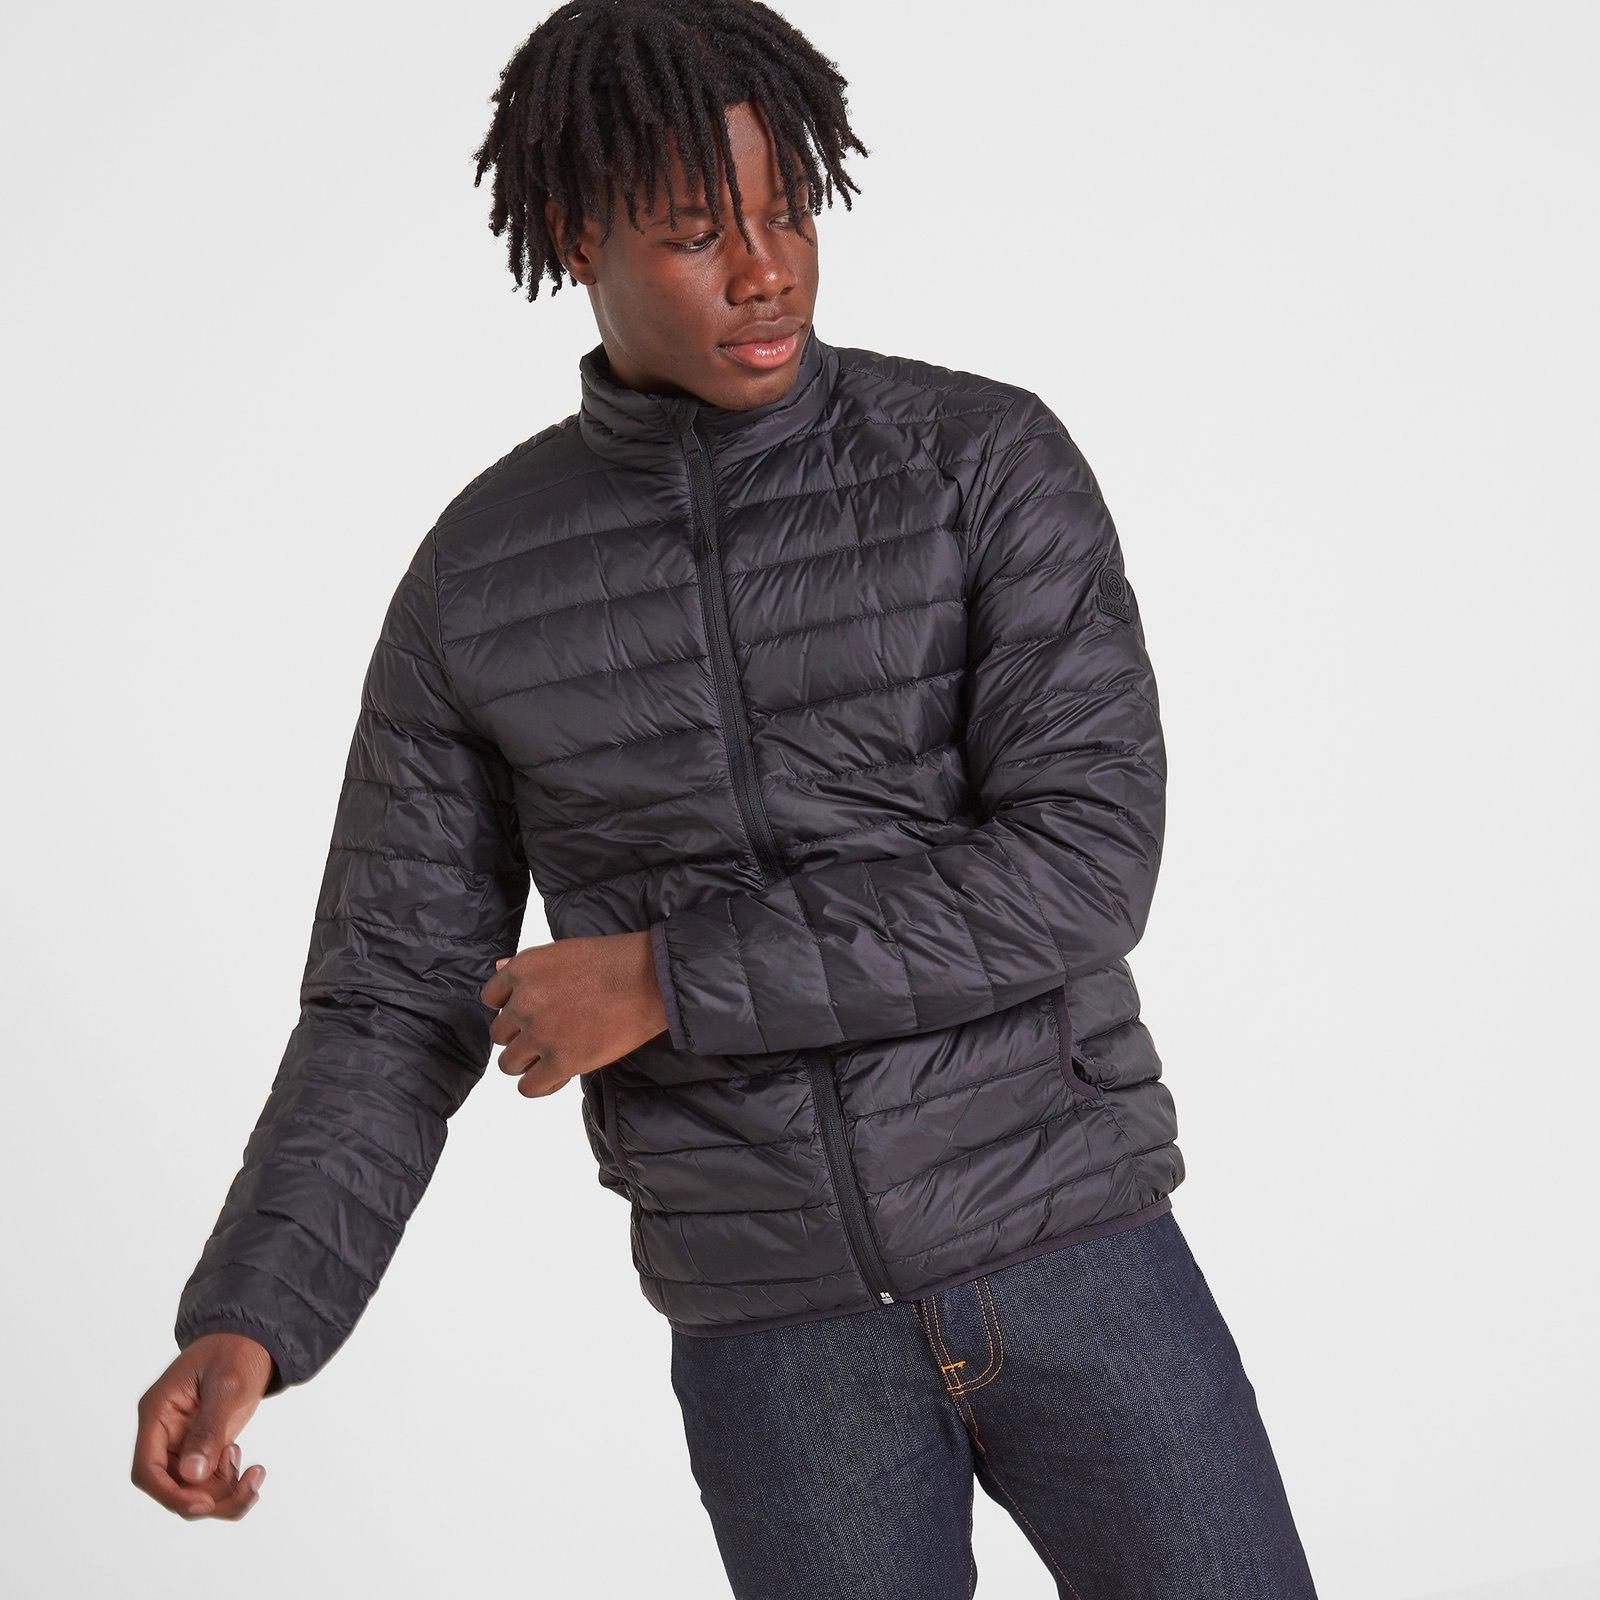 Elite Men's Jacket £38.40 w/code @ Tog24